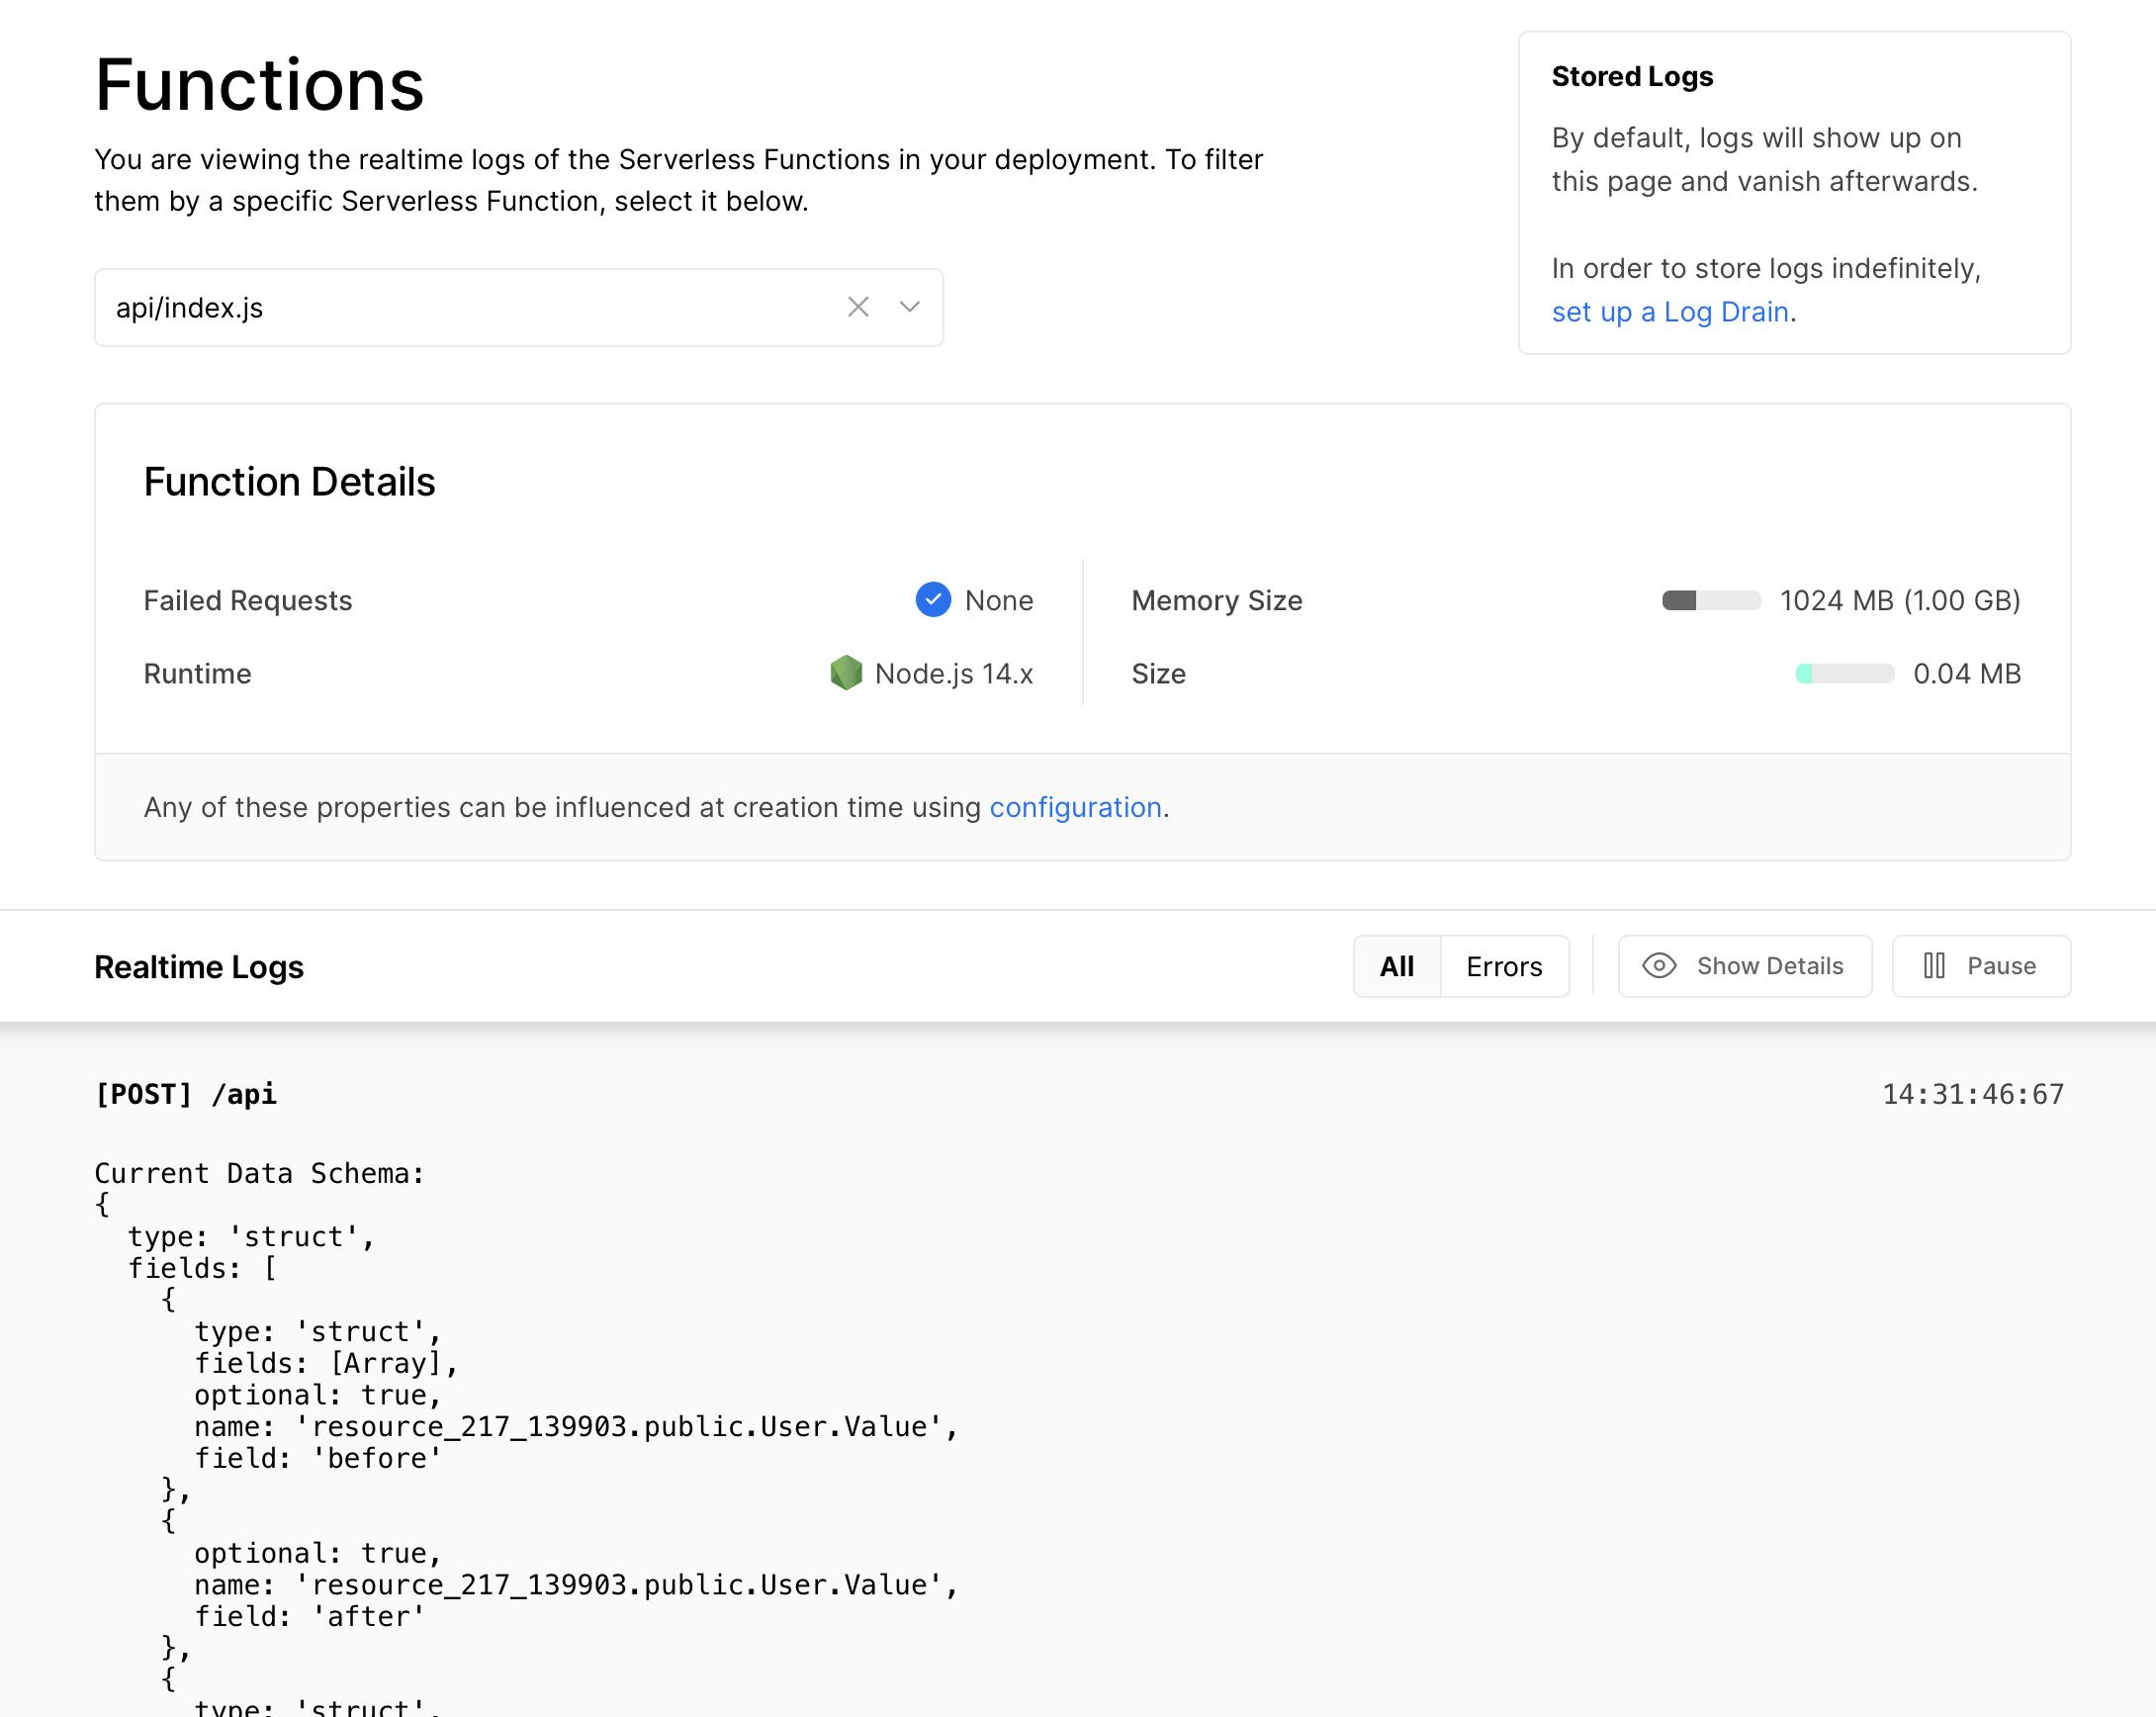 Vercel Function Logs